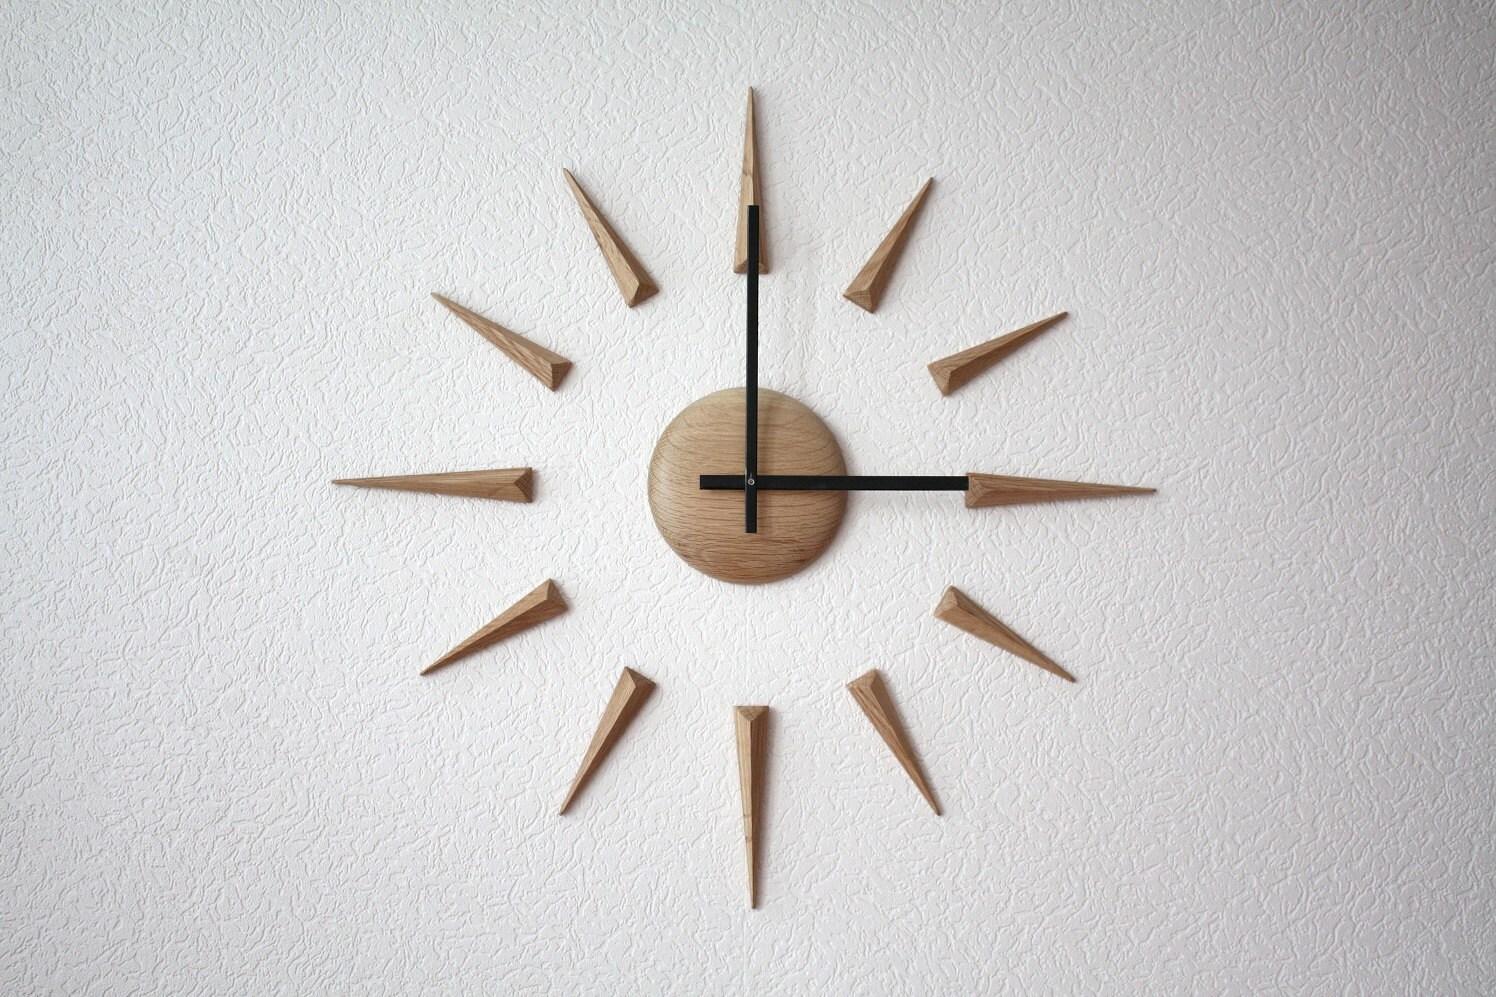 Как сделать часы своими руками из подручных средств (3 мастер) 67